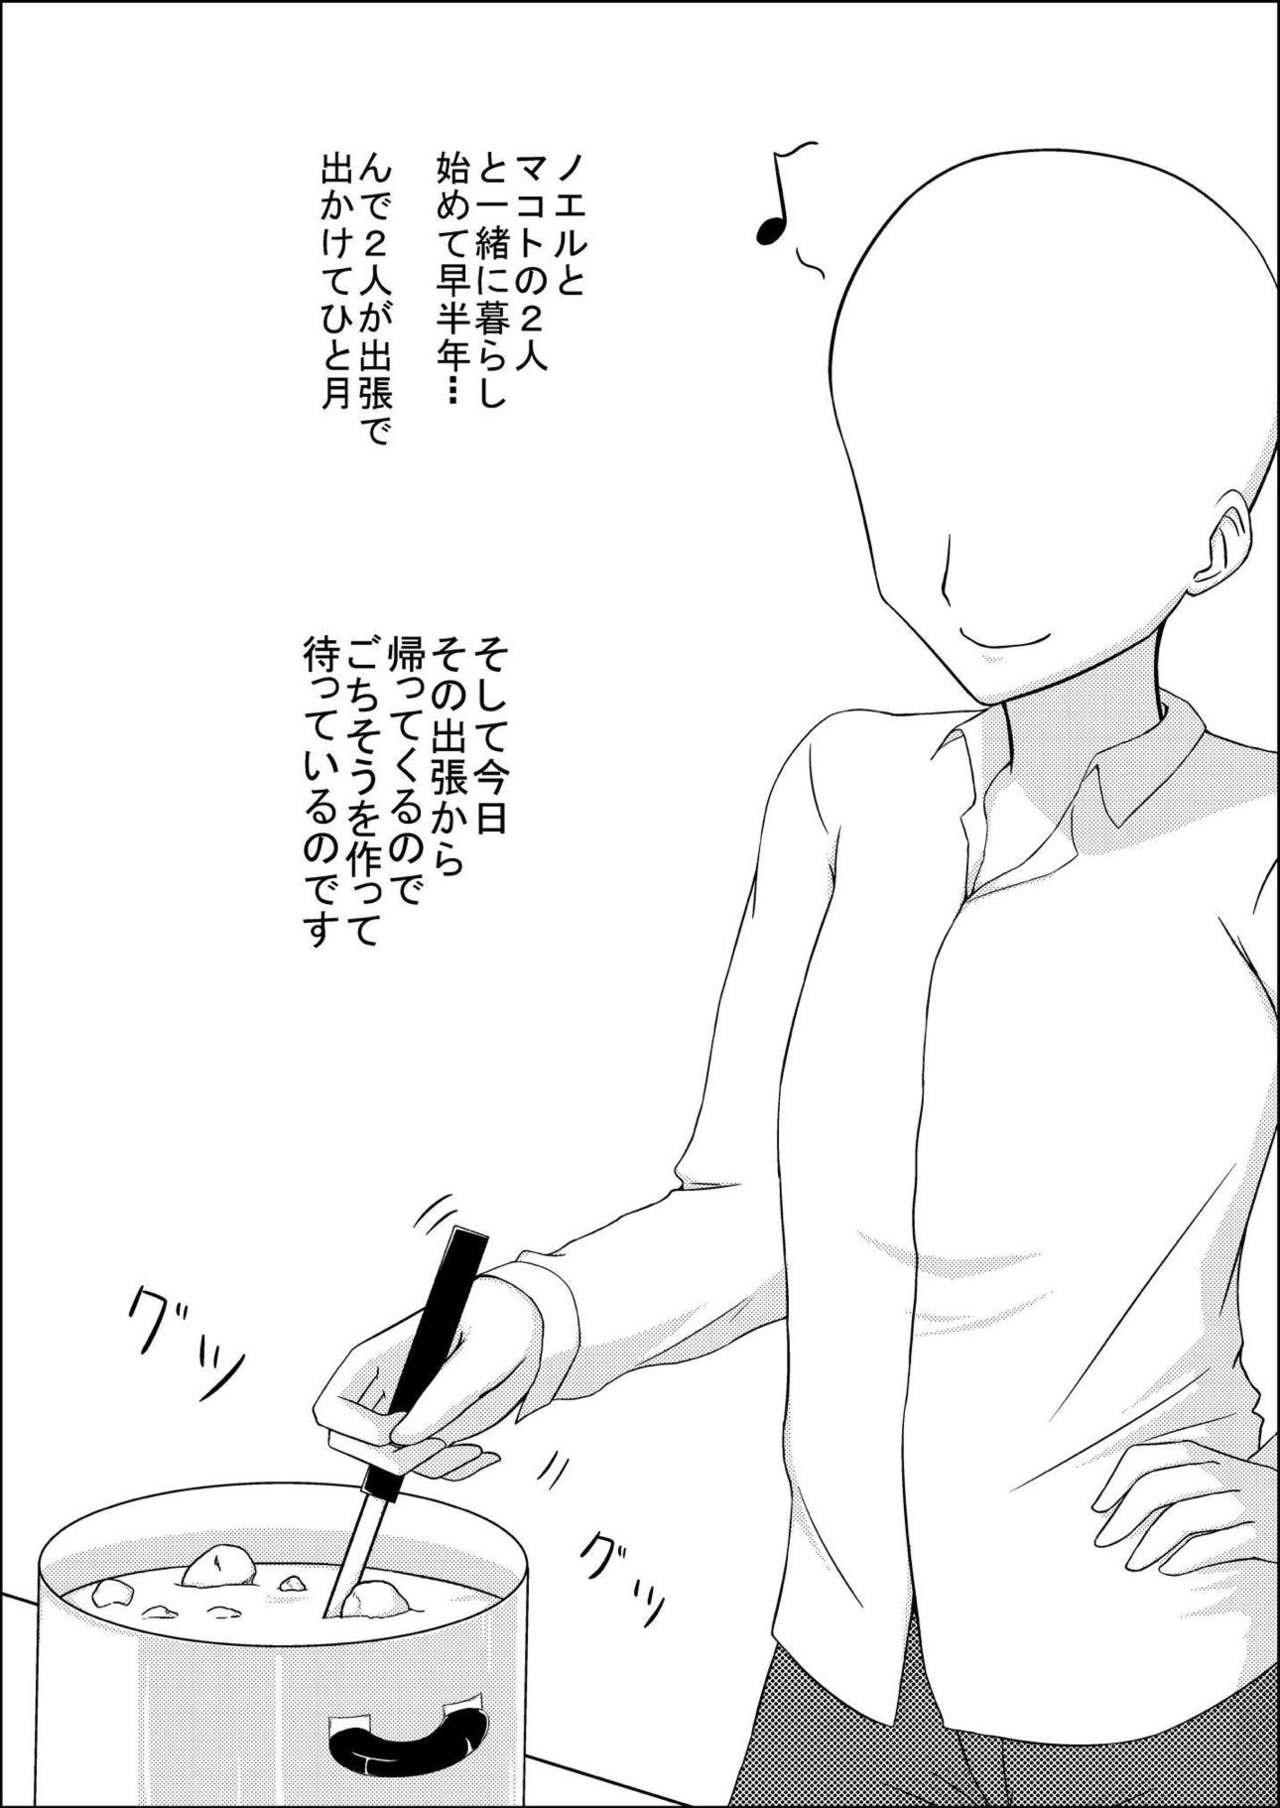 MakoNoe to no Seikatsu 1